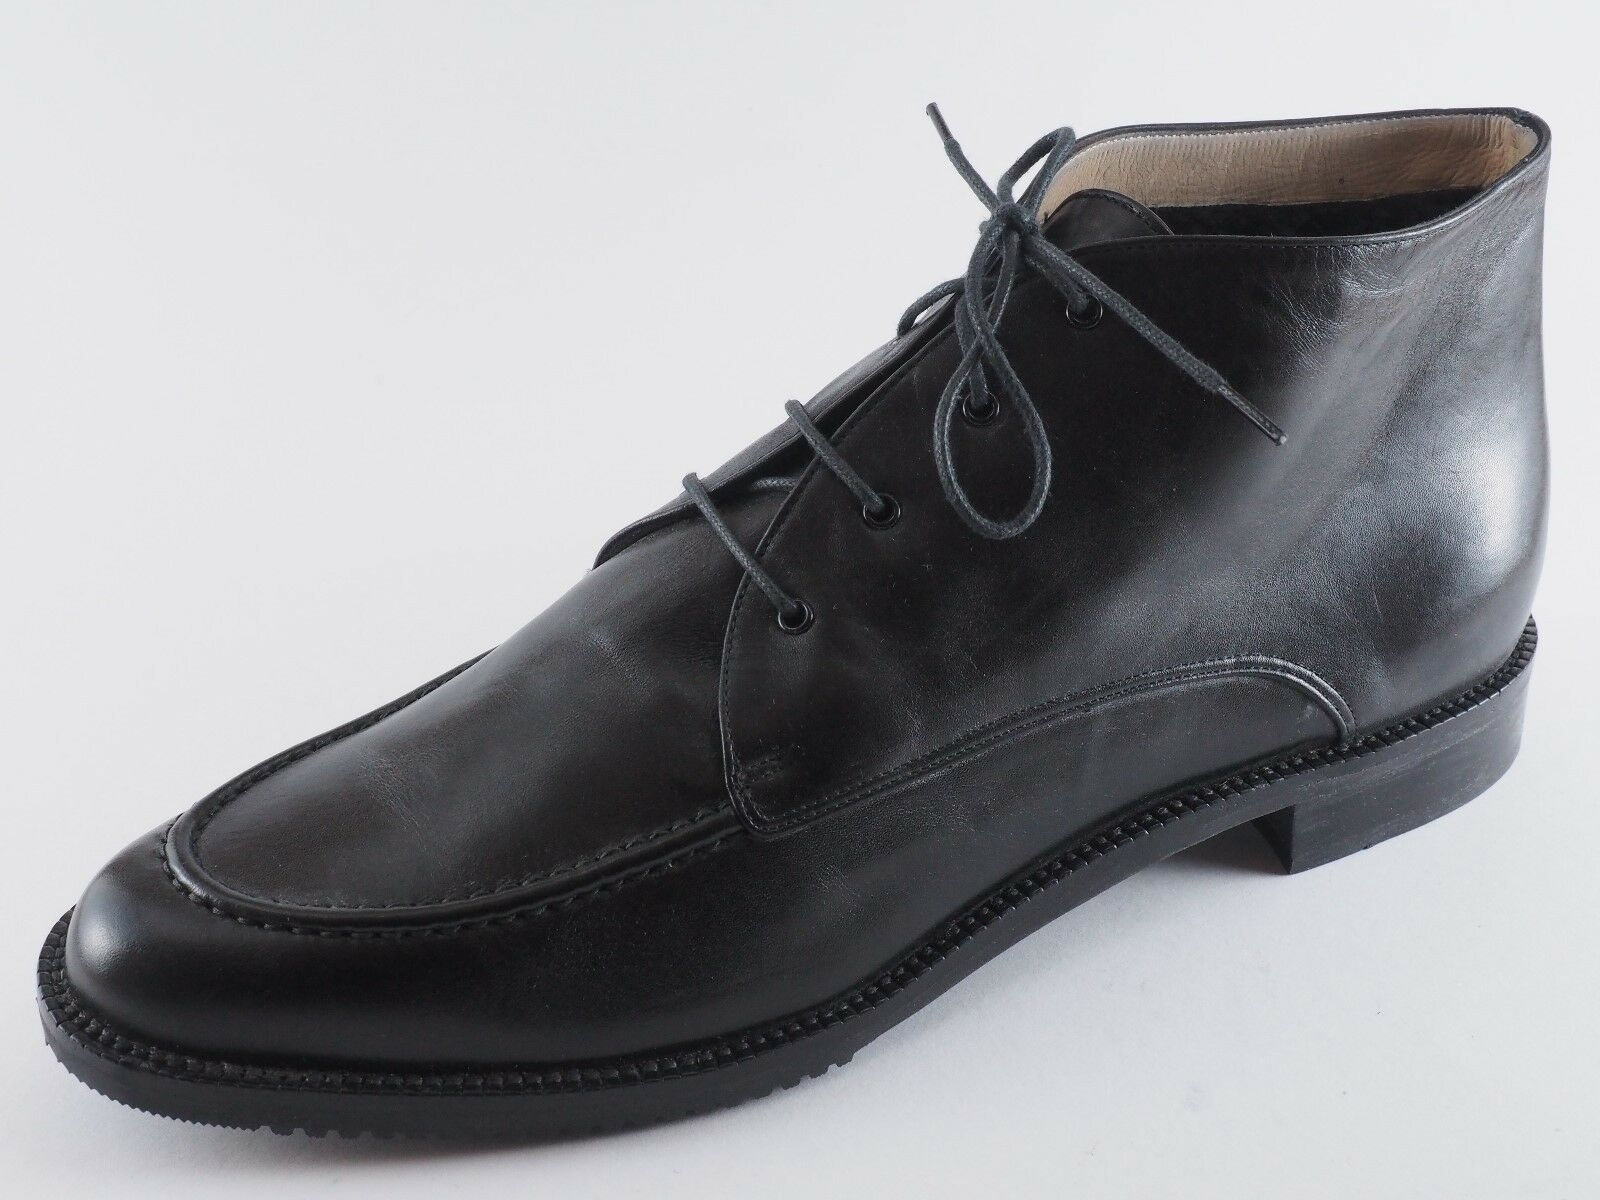 GIORGIO FIORETTI Damen Schuhe 35 39,5 Knöchelschuhe Gefüttert Leder Schwarz NEU